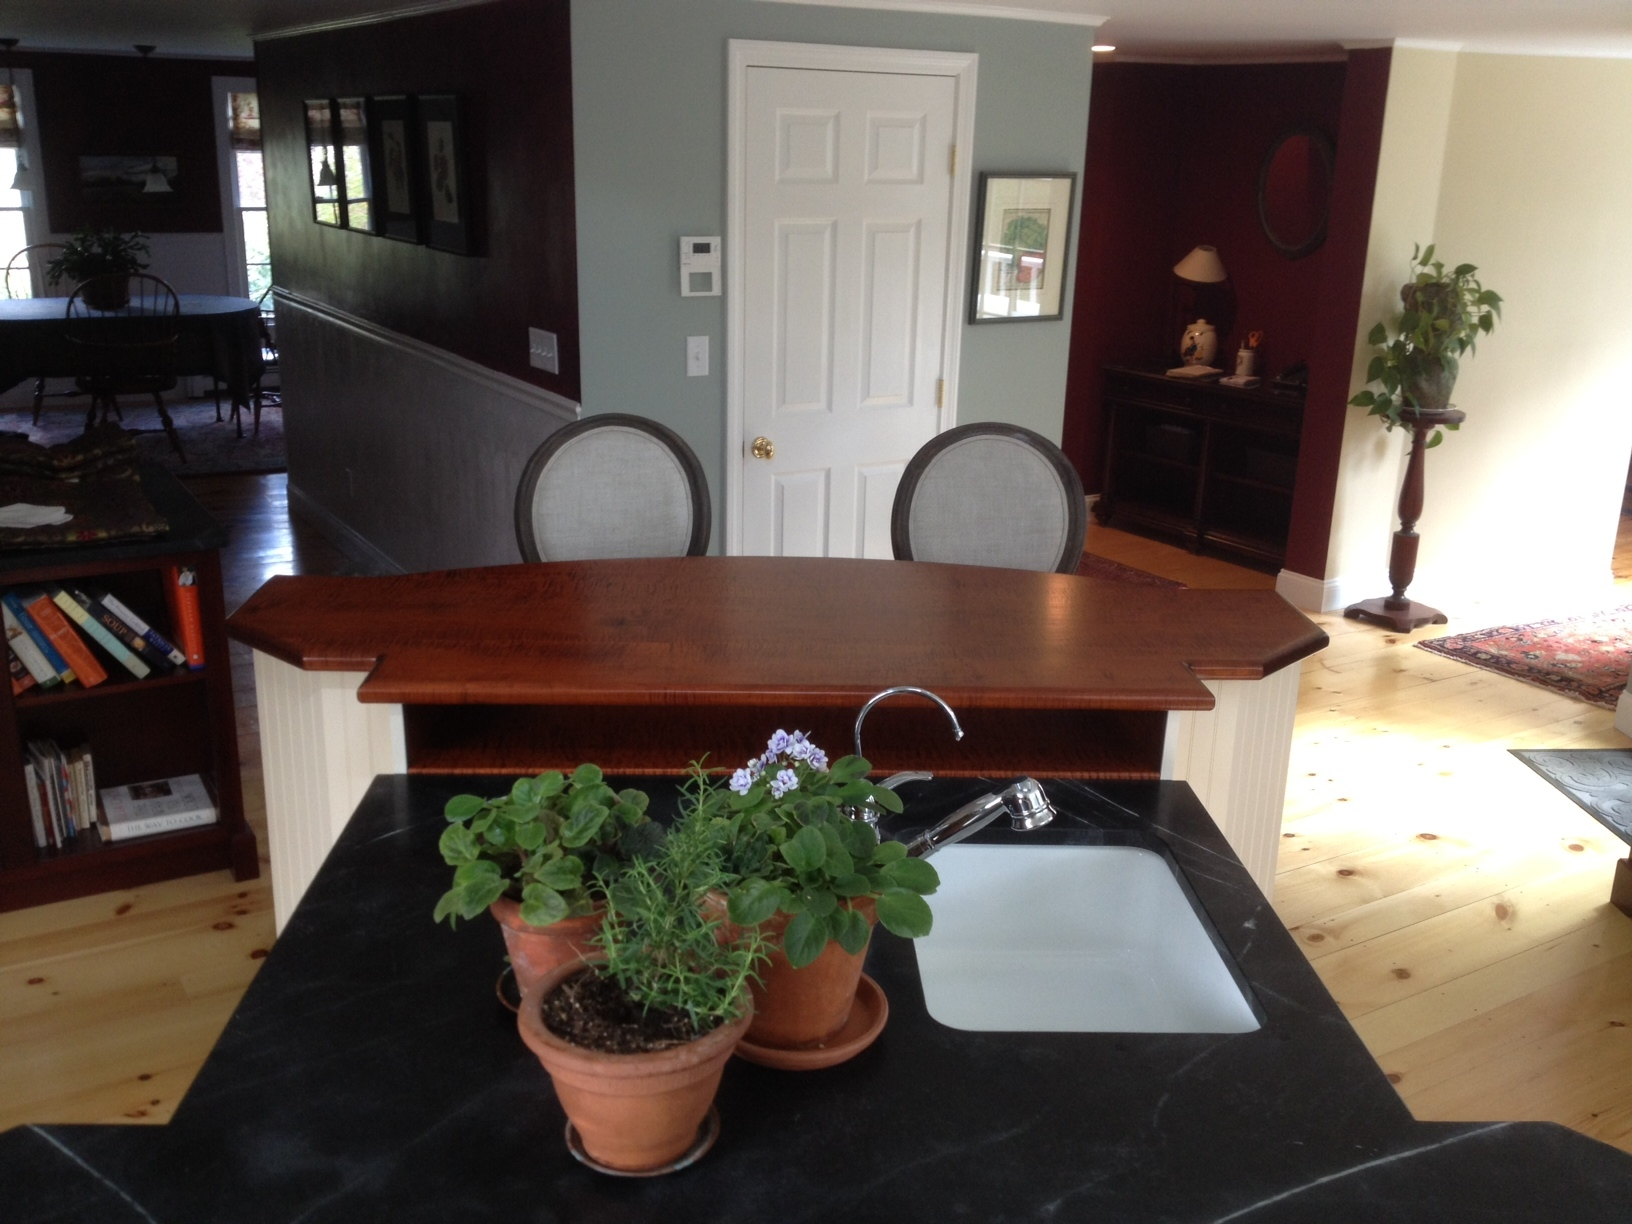 free home kitchen design consultation house design plans. Black Bedroom Furniture Sets. Home Design Ideas